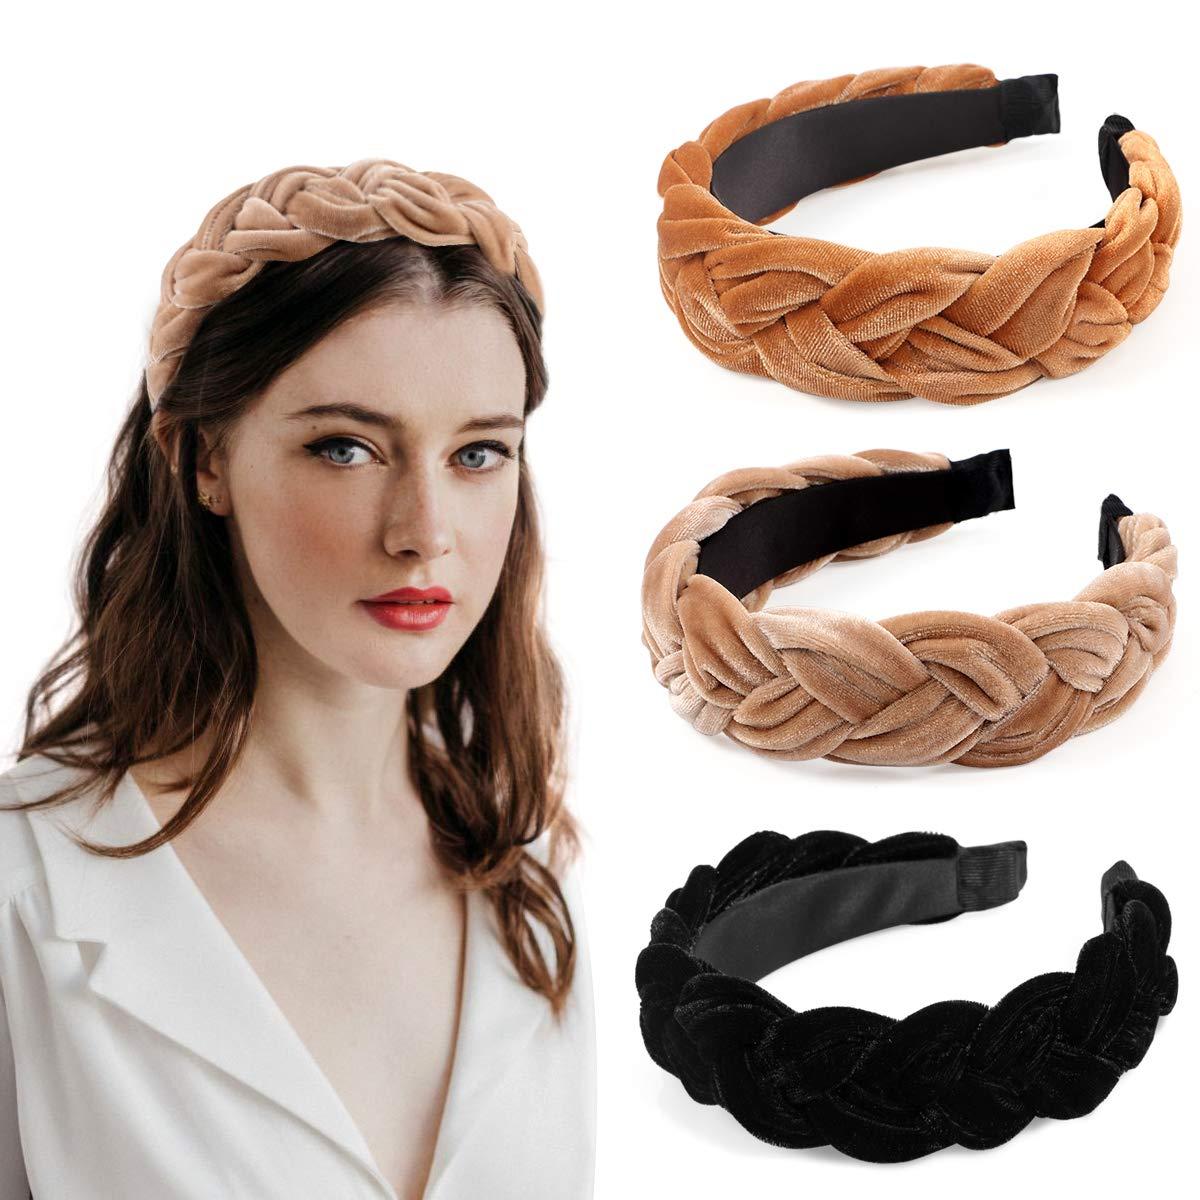 Girls Boys Stretch Alice Hairband Hair Band Head Headband School Uniform